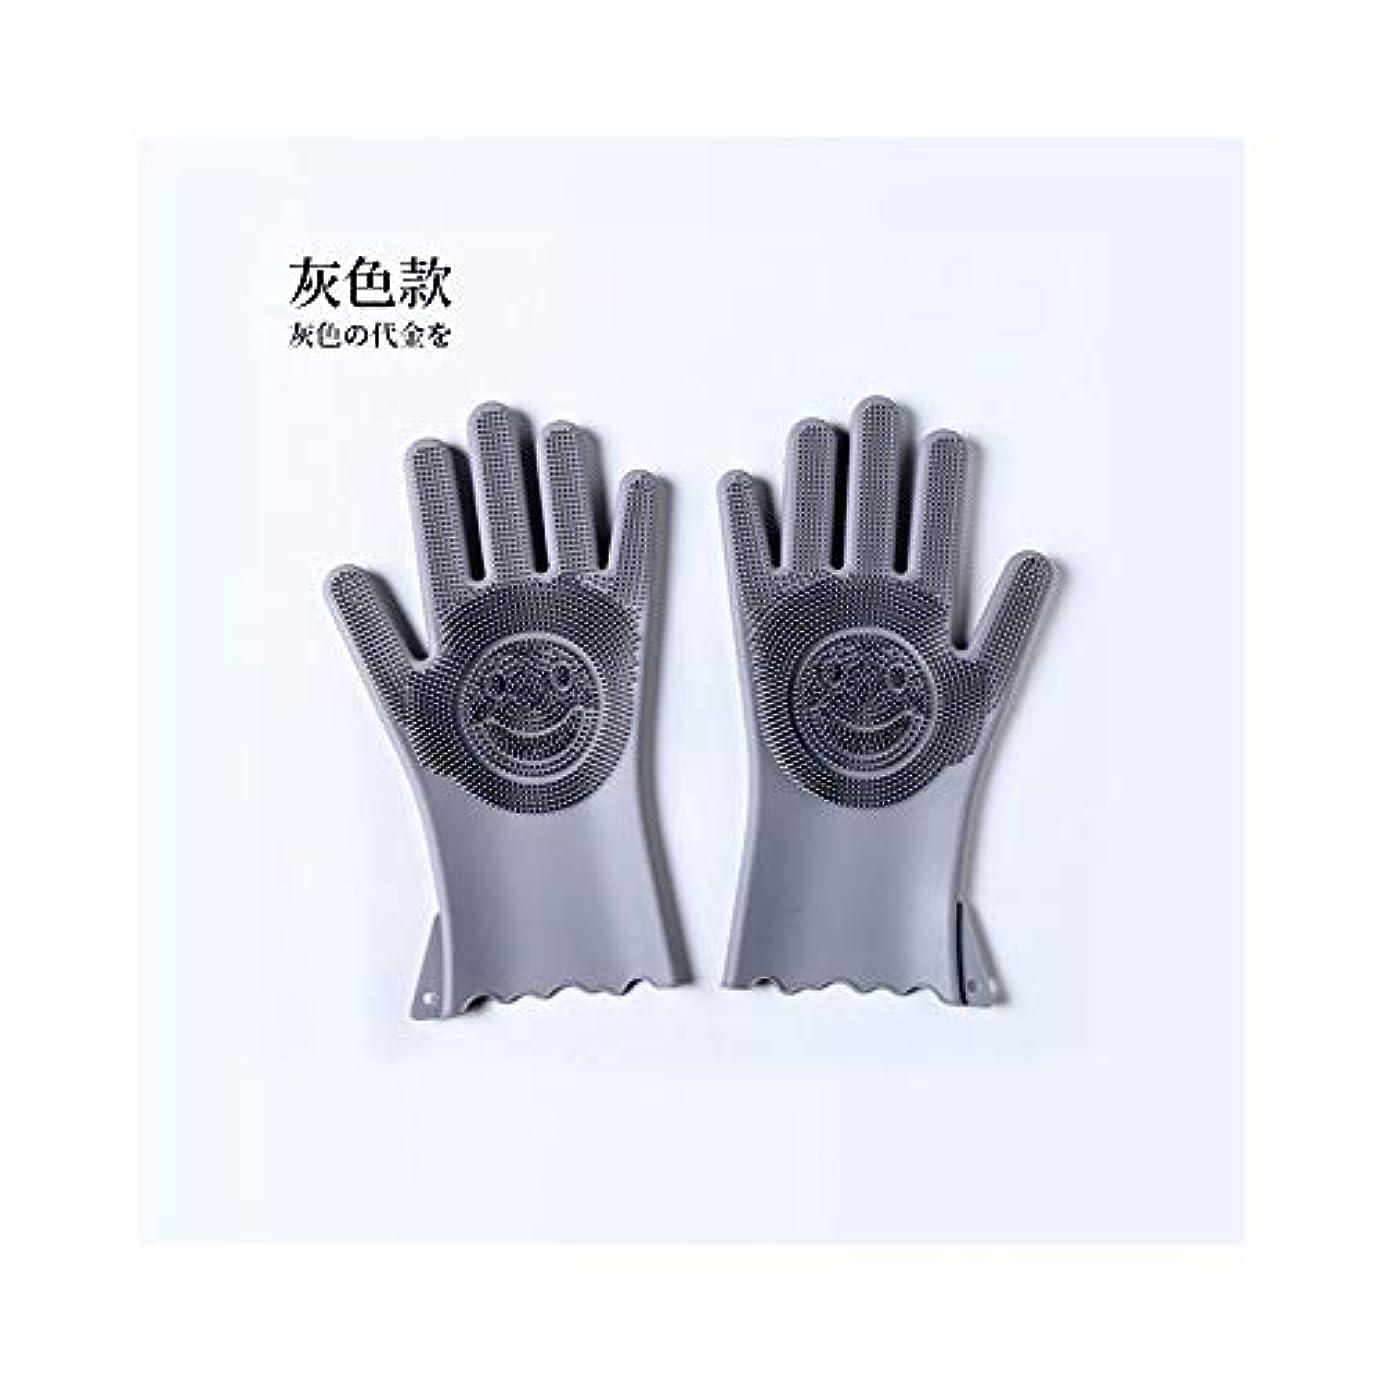 結晶セラー安定BTXXYJP キッチン用手袋 手袋 食器洗い 作業 泡立ち 食器洗い 炊事 掃除 園芸 洗車 防水 手袋 (Color : Gray, Size : M)